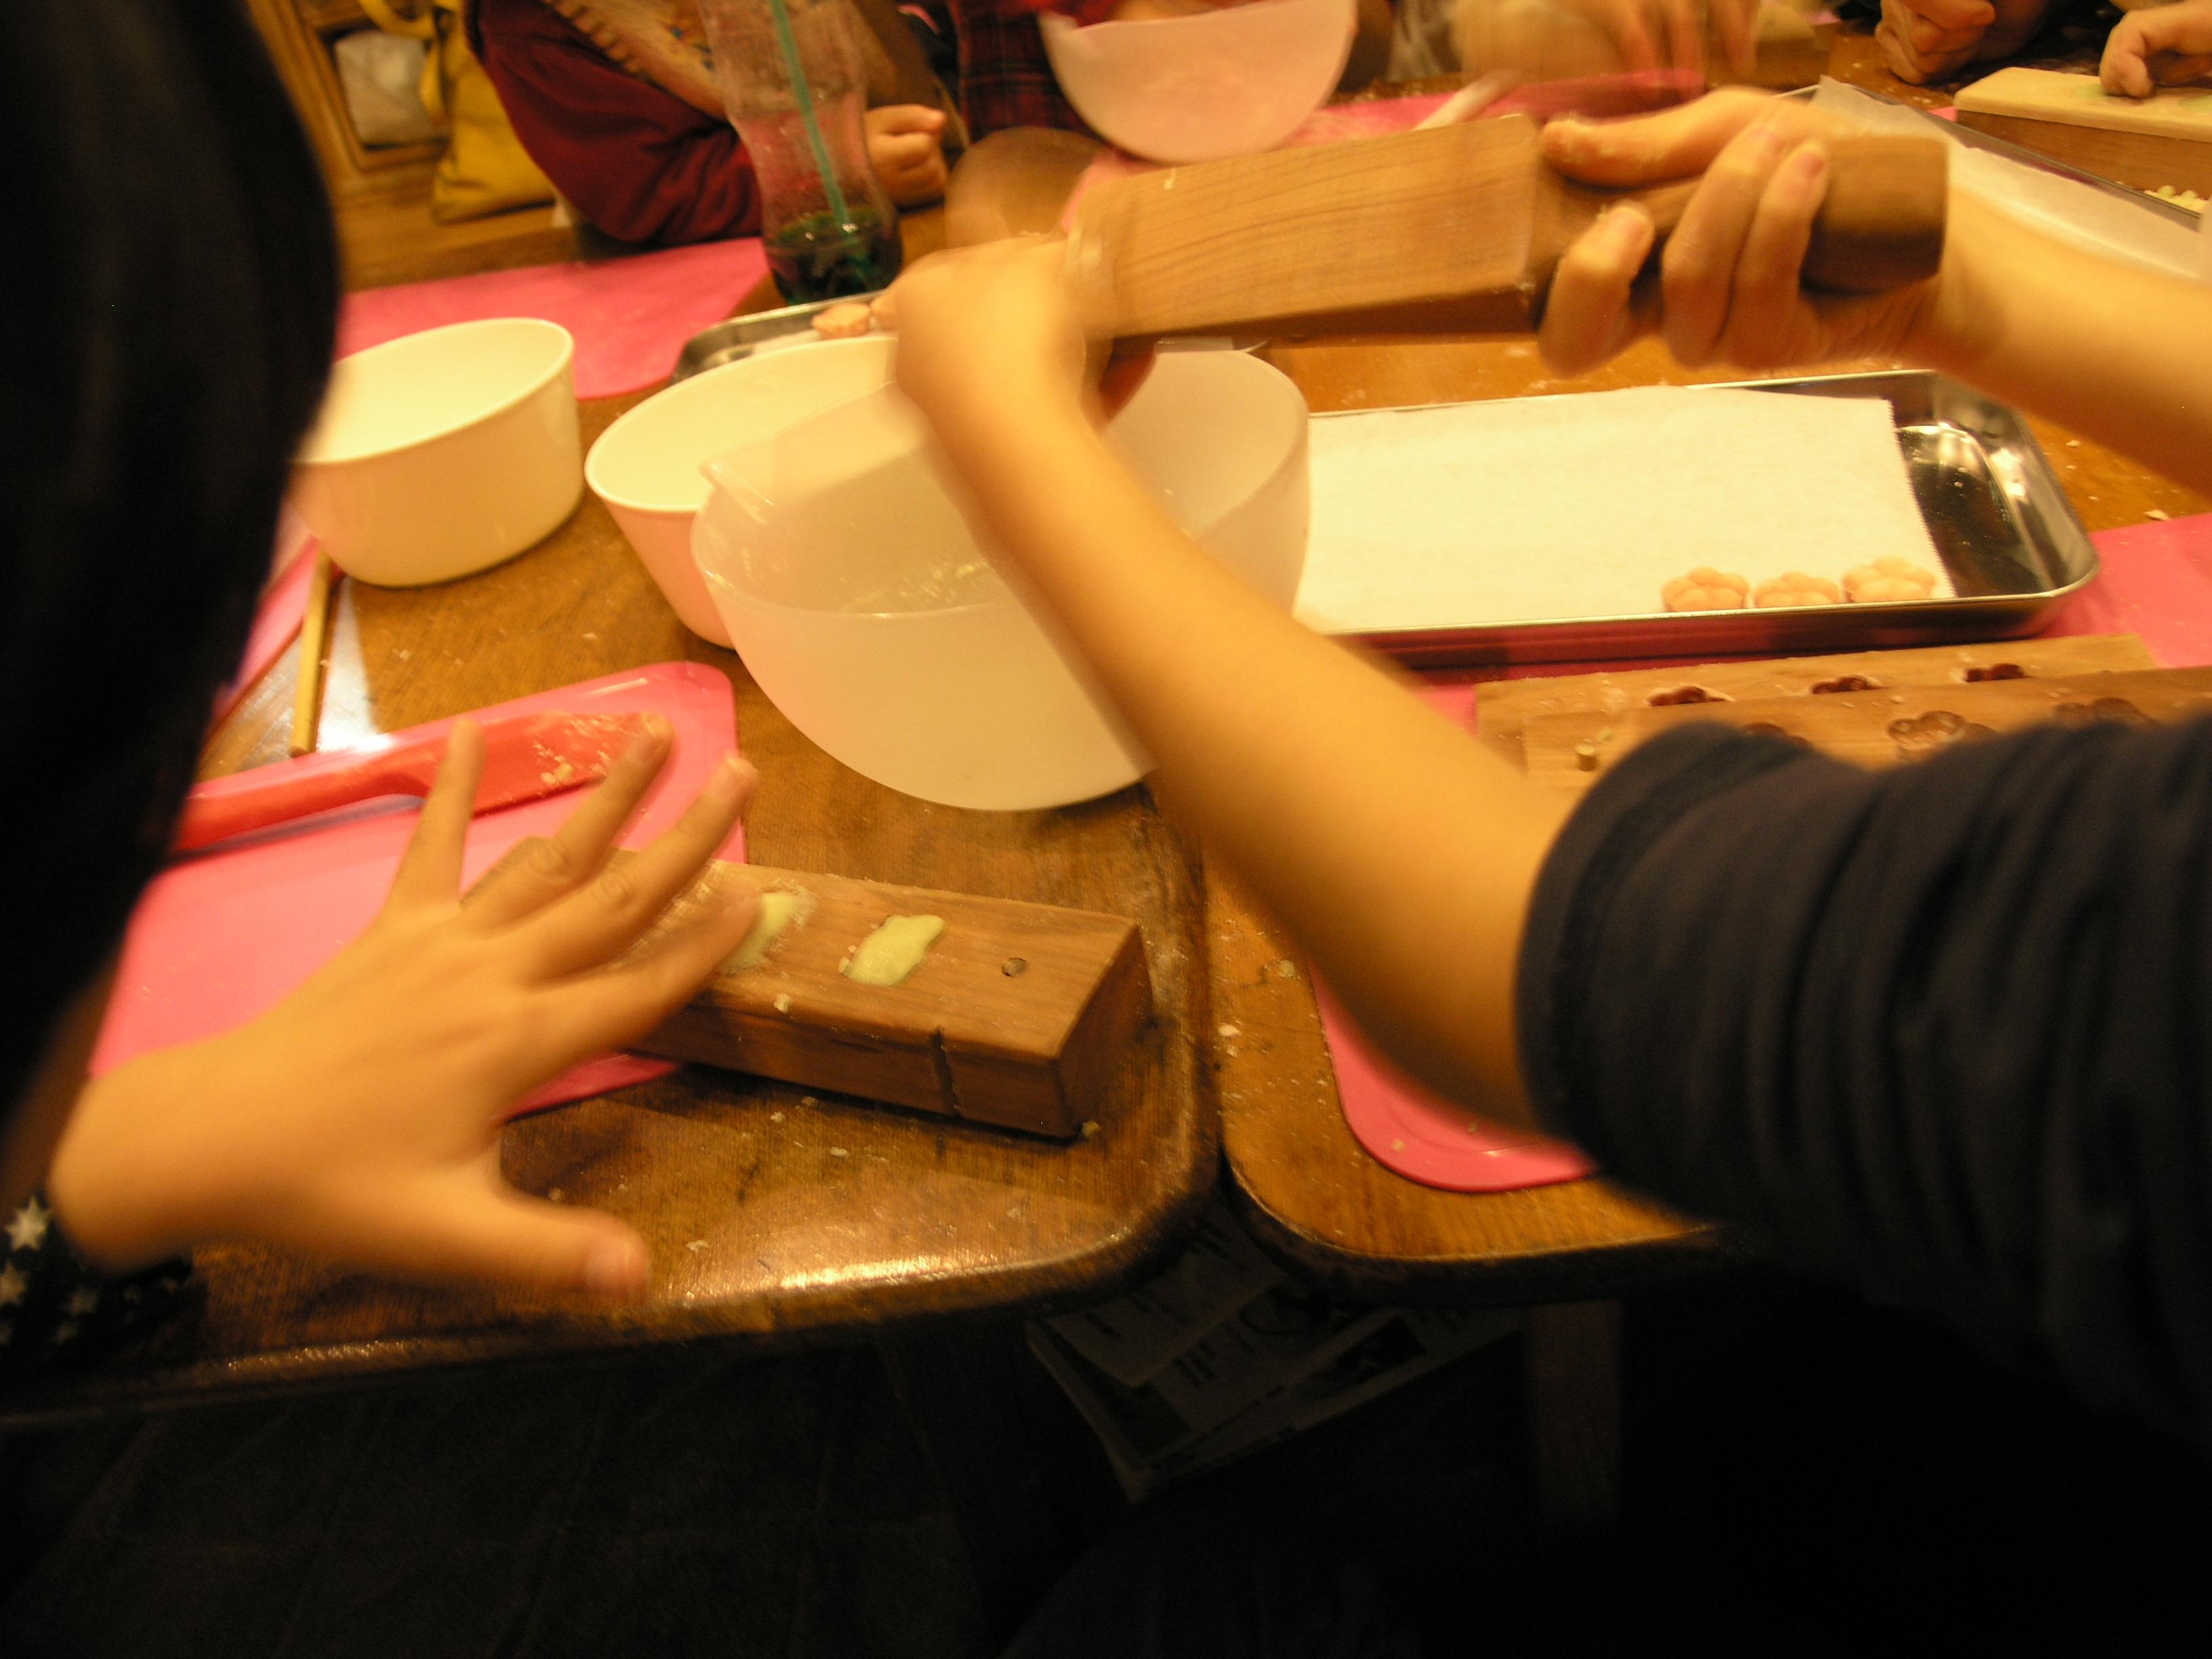 朝日新聞折込フリーペーパーの取材『未来のママのための食卓の食育教室』